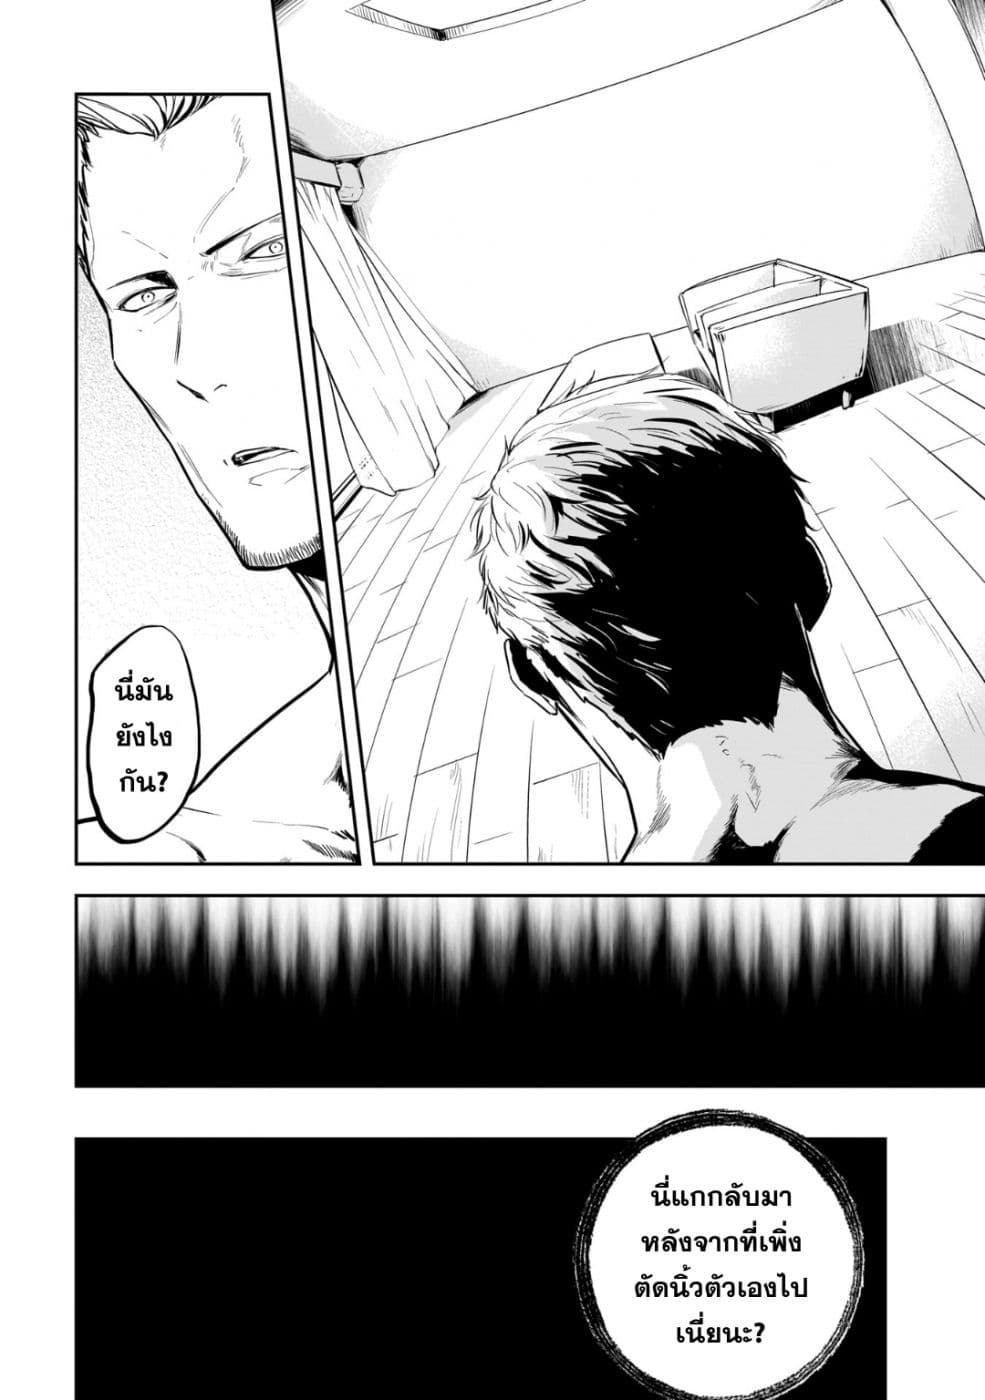 อ่านการ์ตูน Kanojo Gacha ตอนที่ 11 หน้าที่ 20